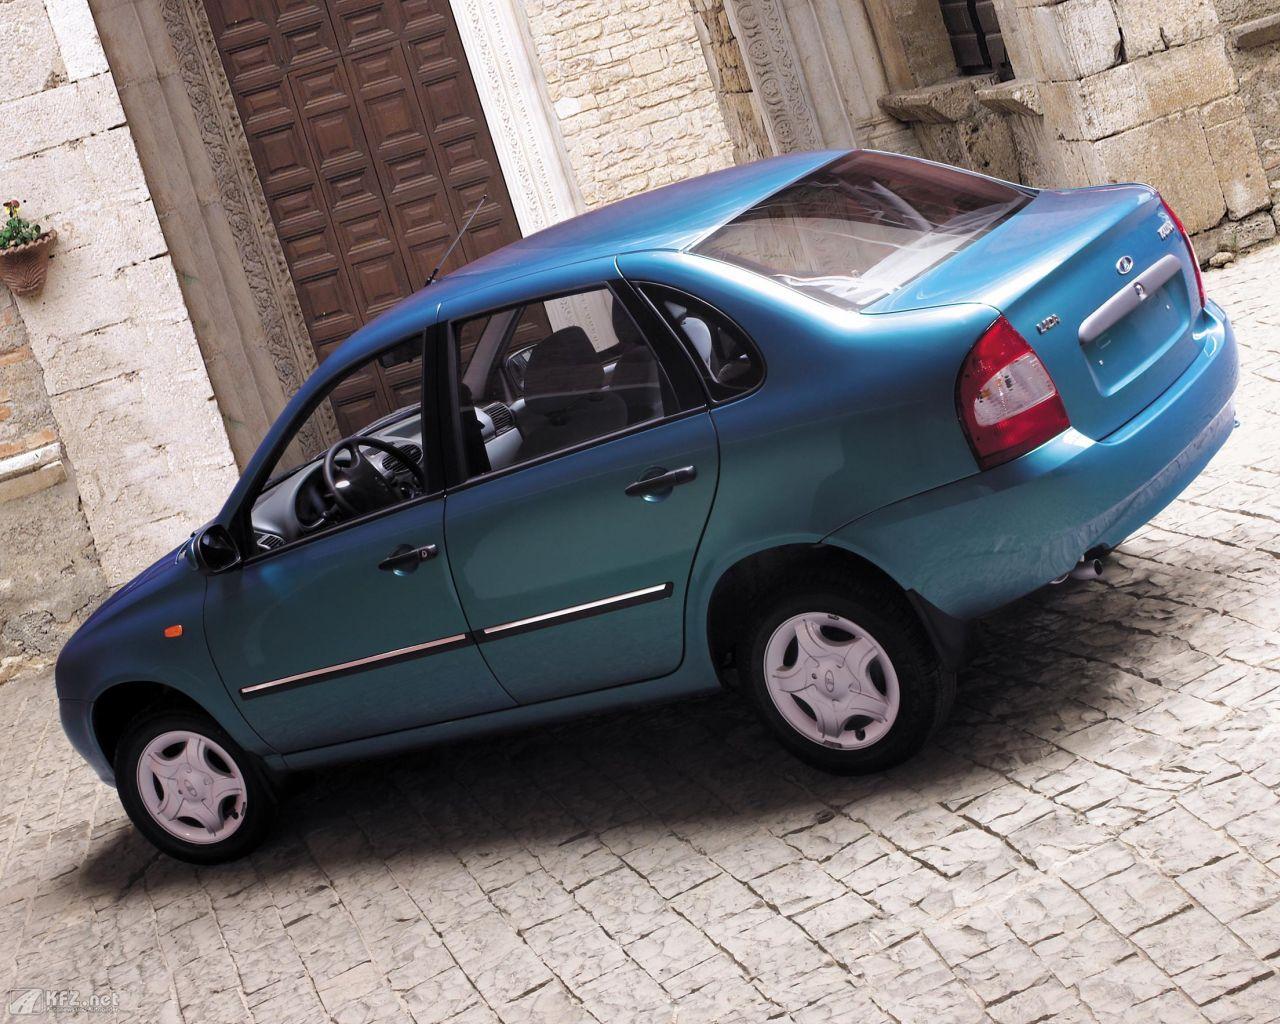 lada-kalina-1118-1280x1024-4